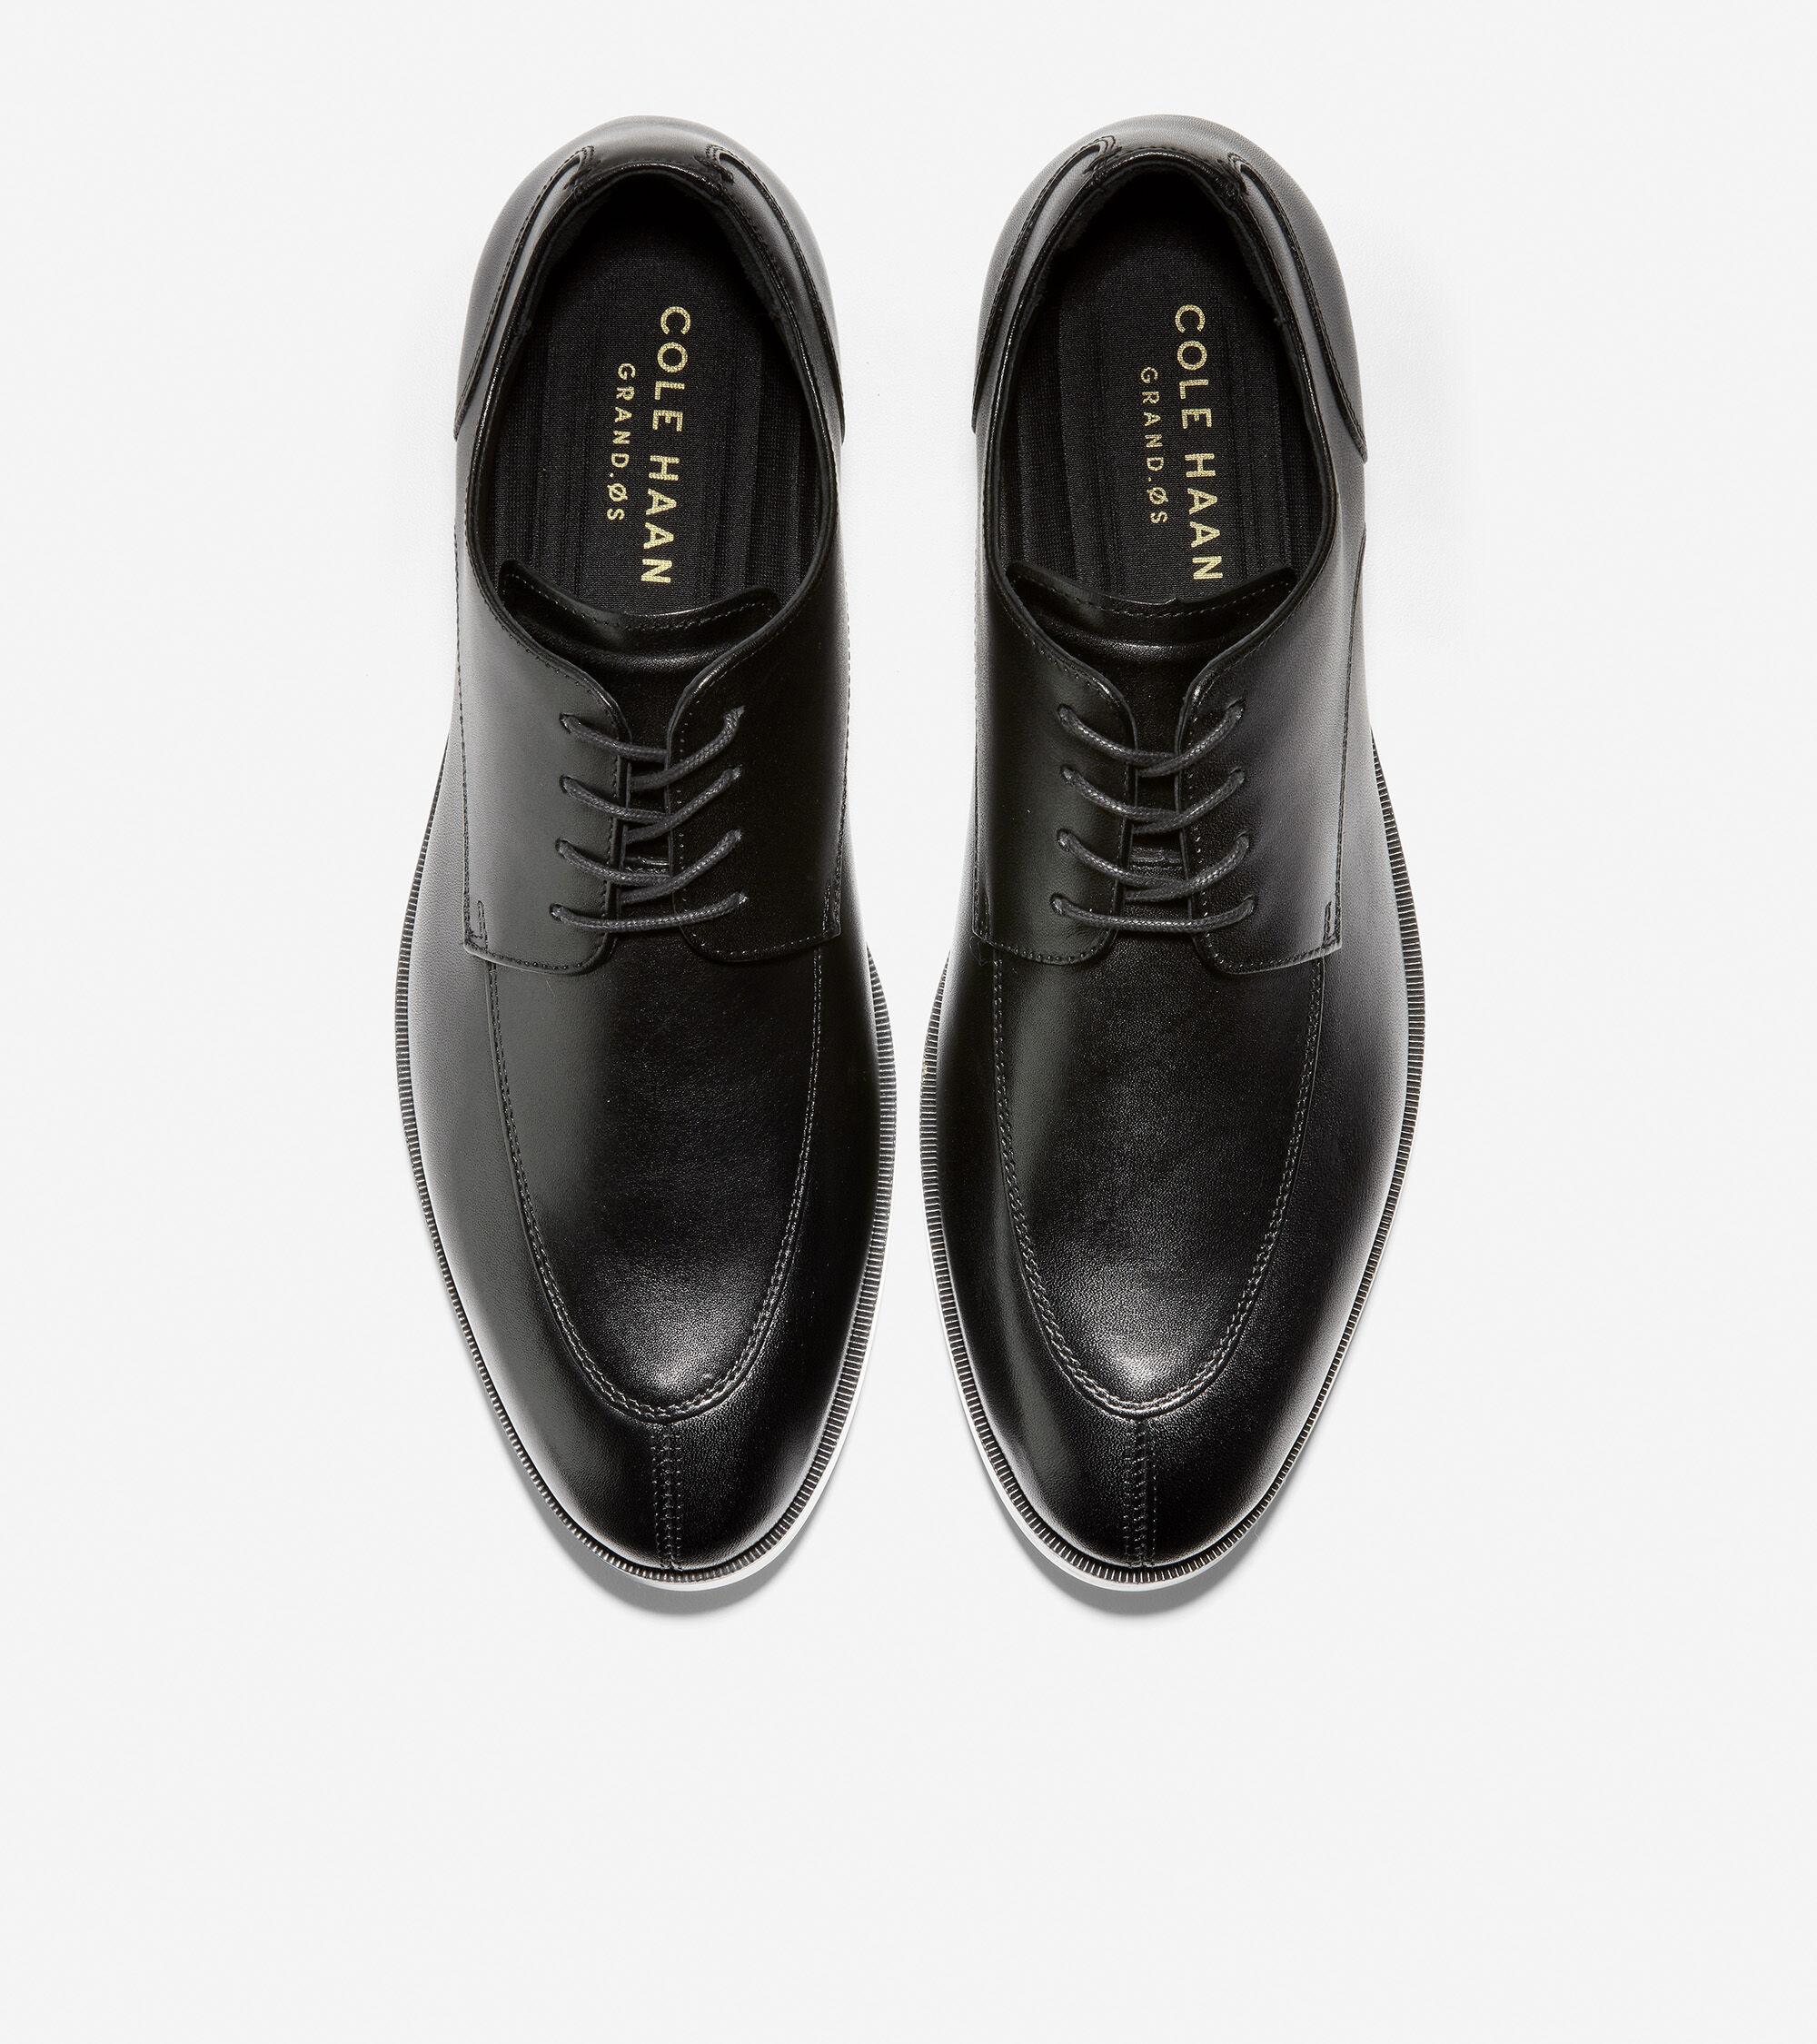 Henry Grand Split Toe Oxford in Black